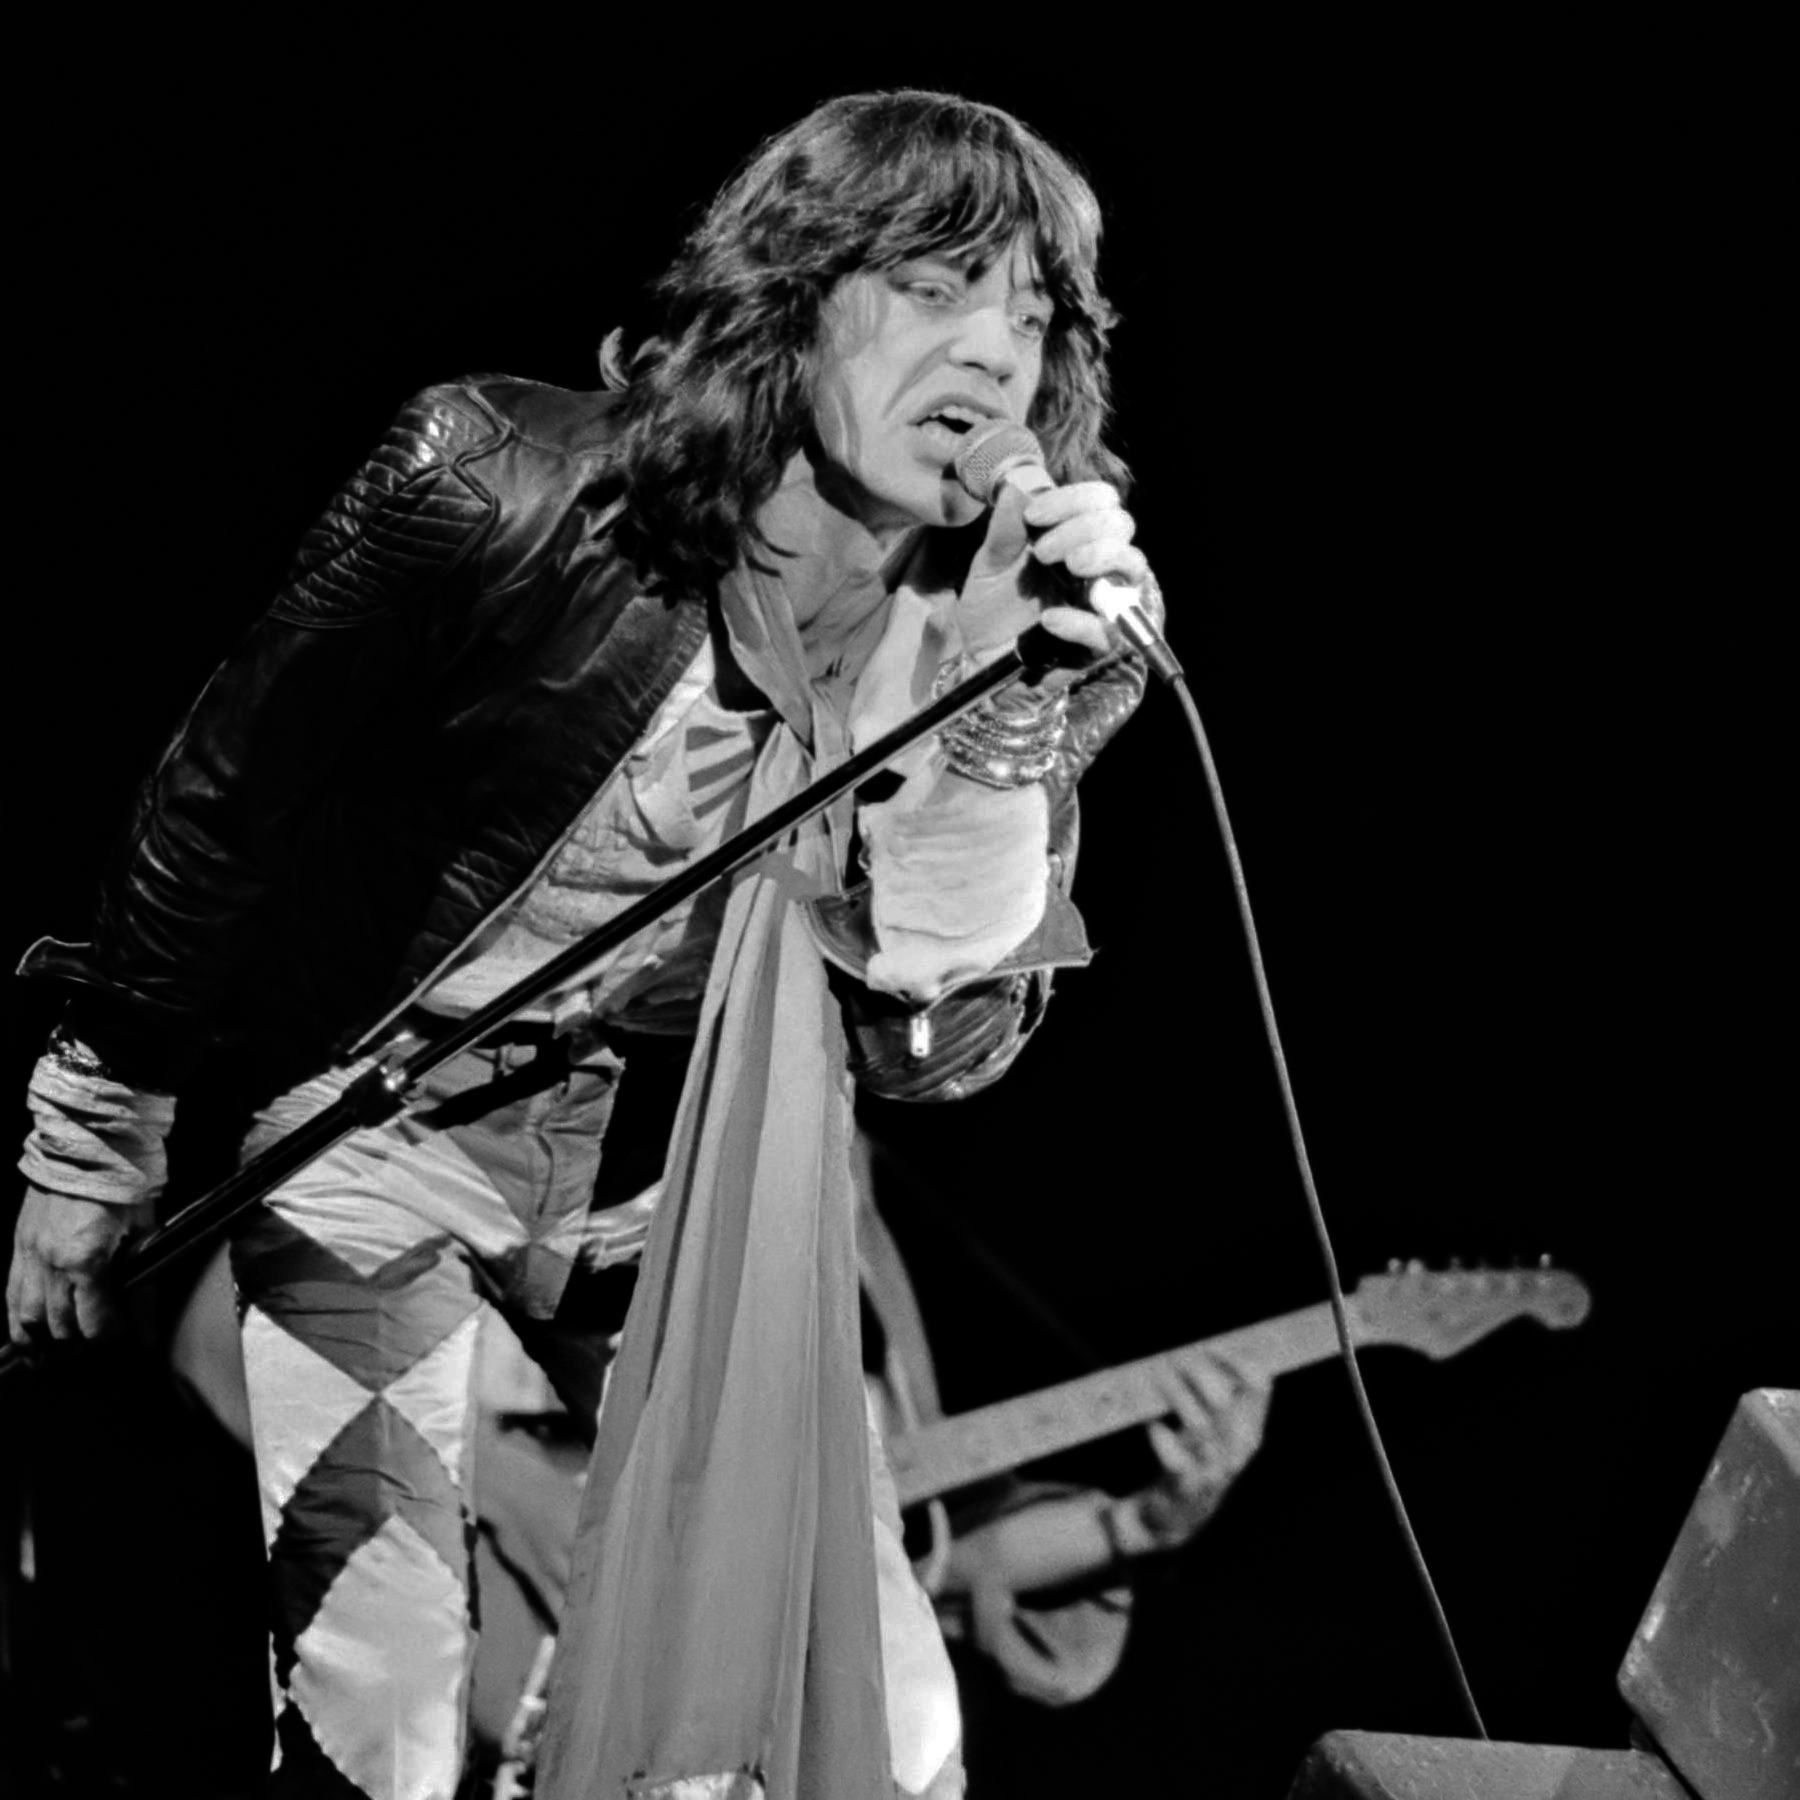 Mick_Jagger_(1976).jpg